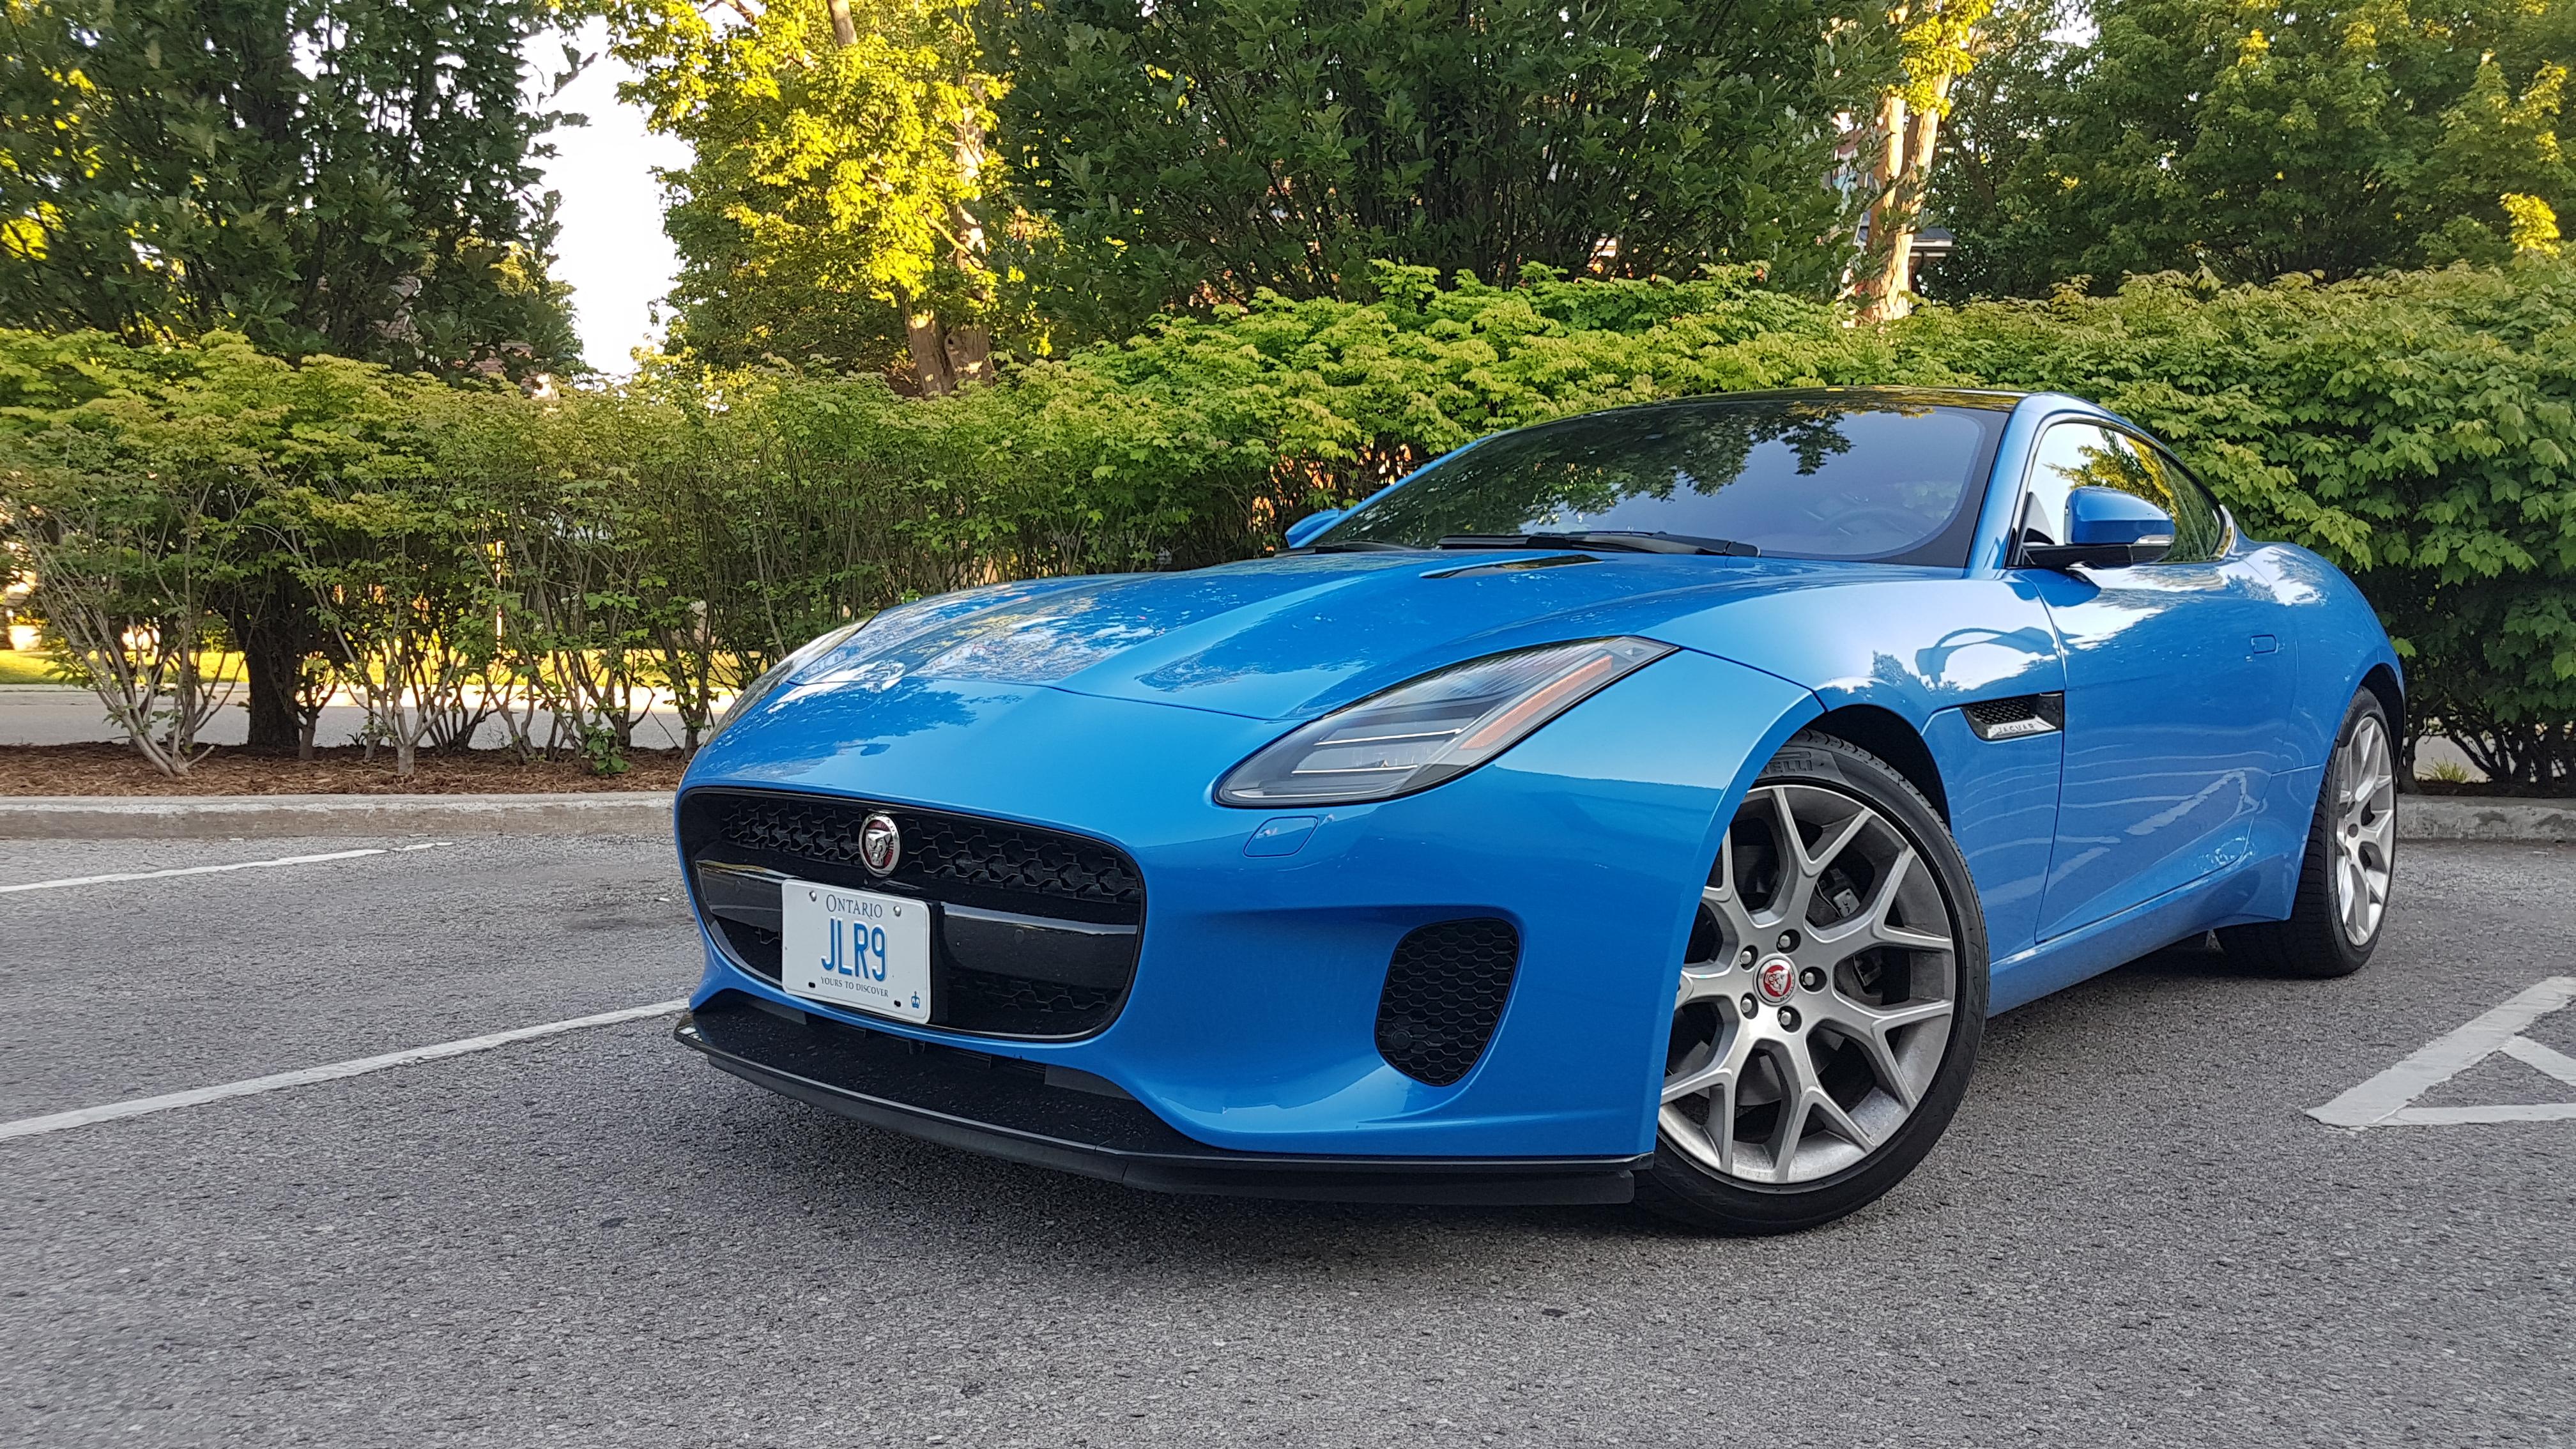 Review 2018 Jaguar F-Type coupe